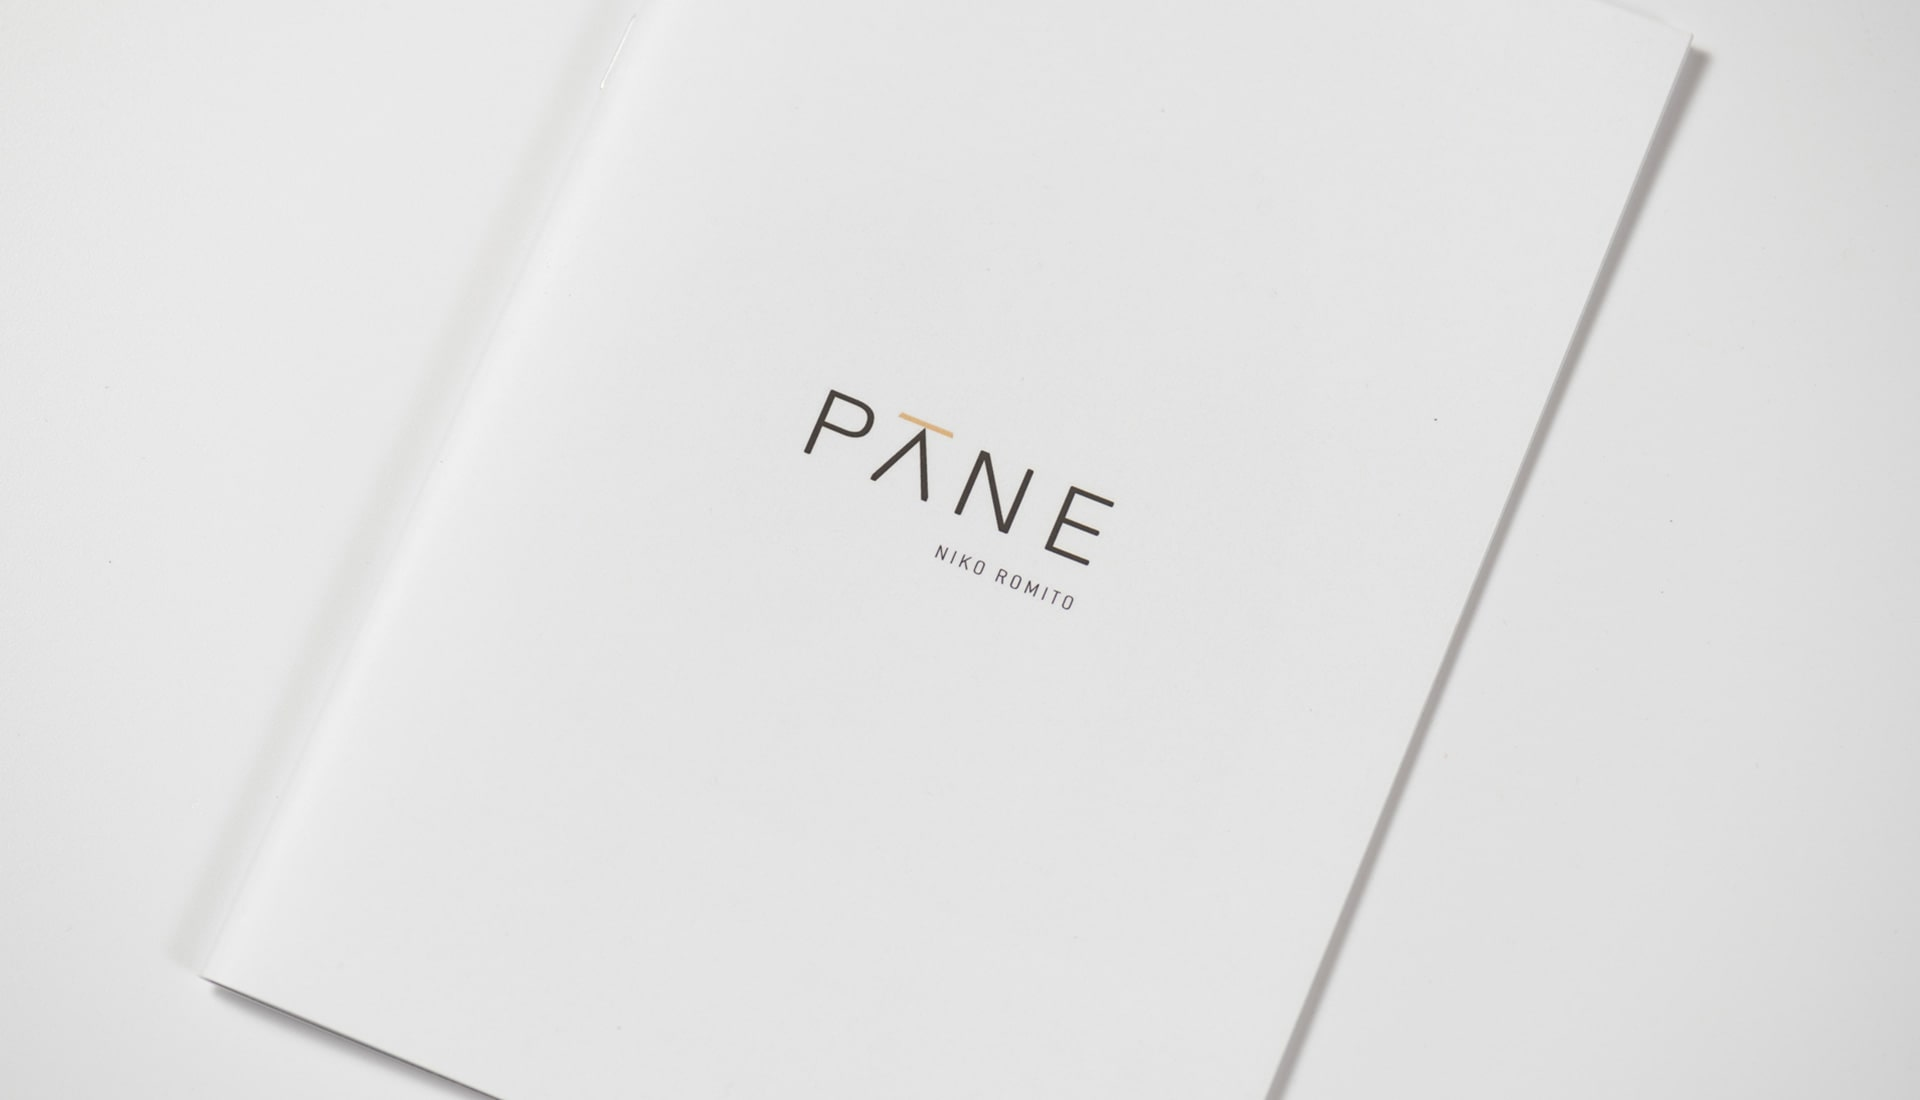 pane-niko-romito-logo